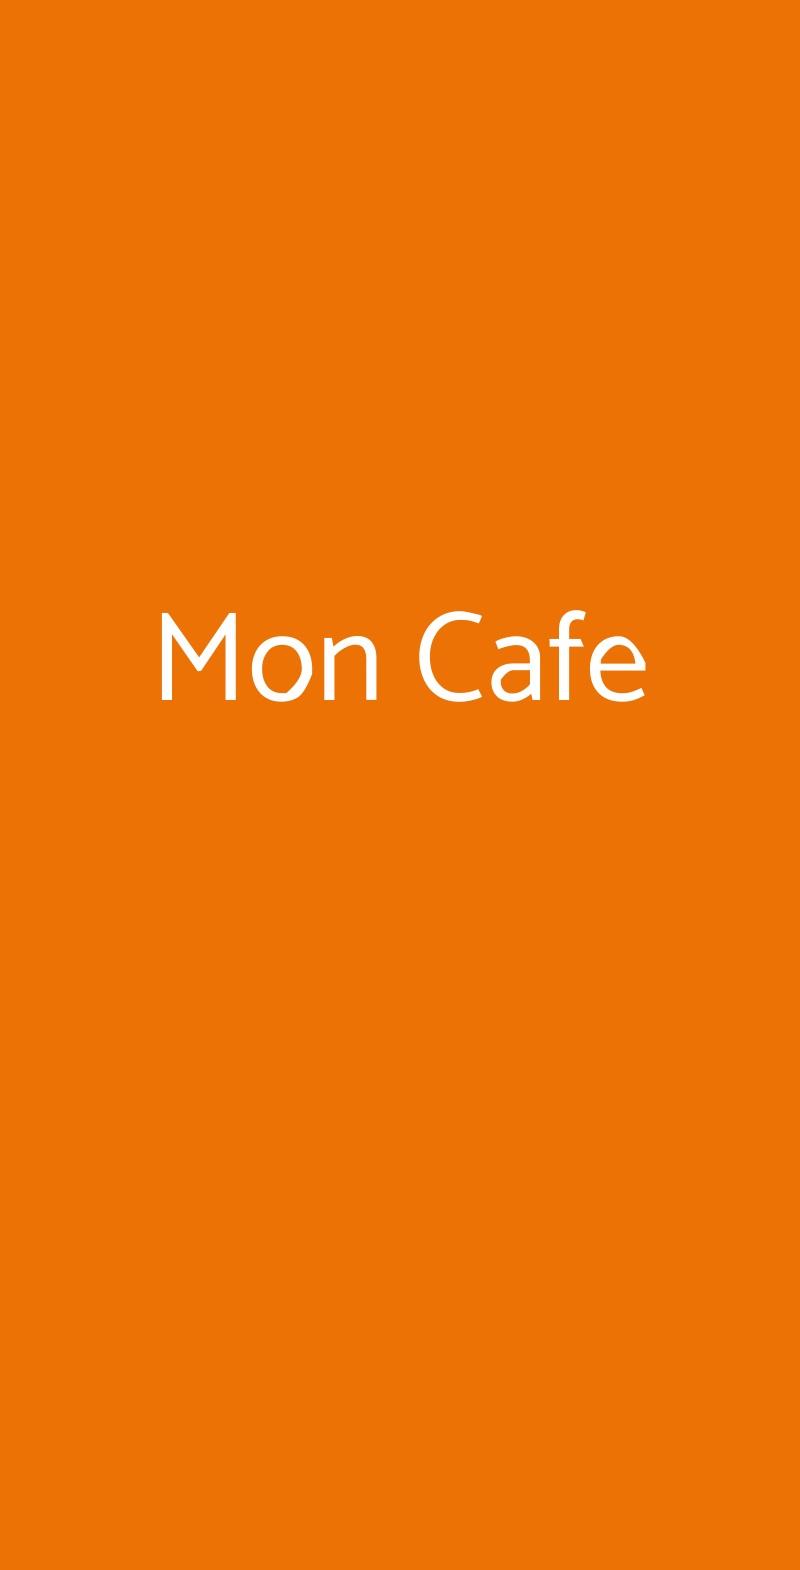 Mon Cafe Palermo menù 1 pagina